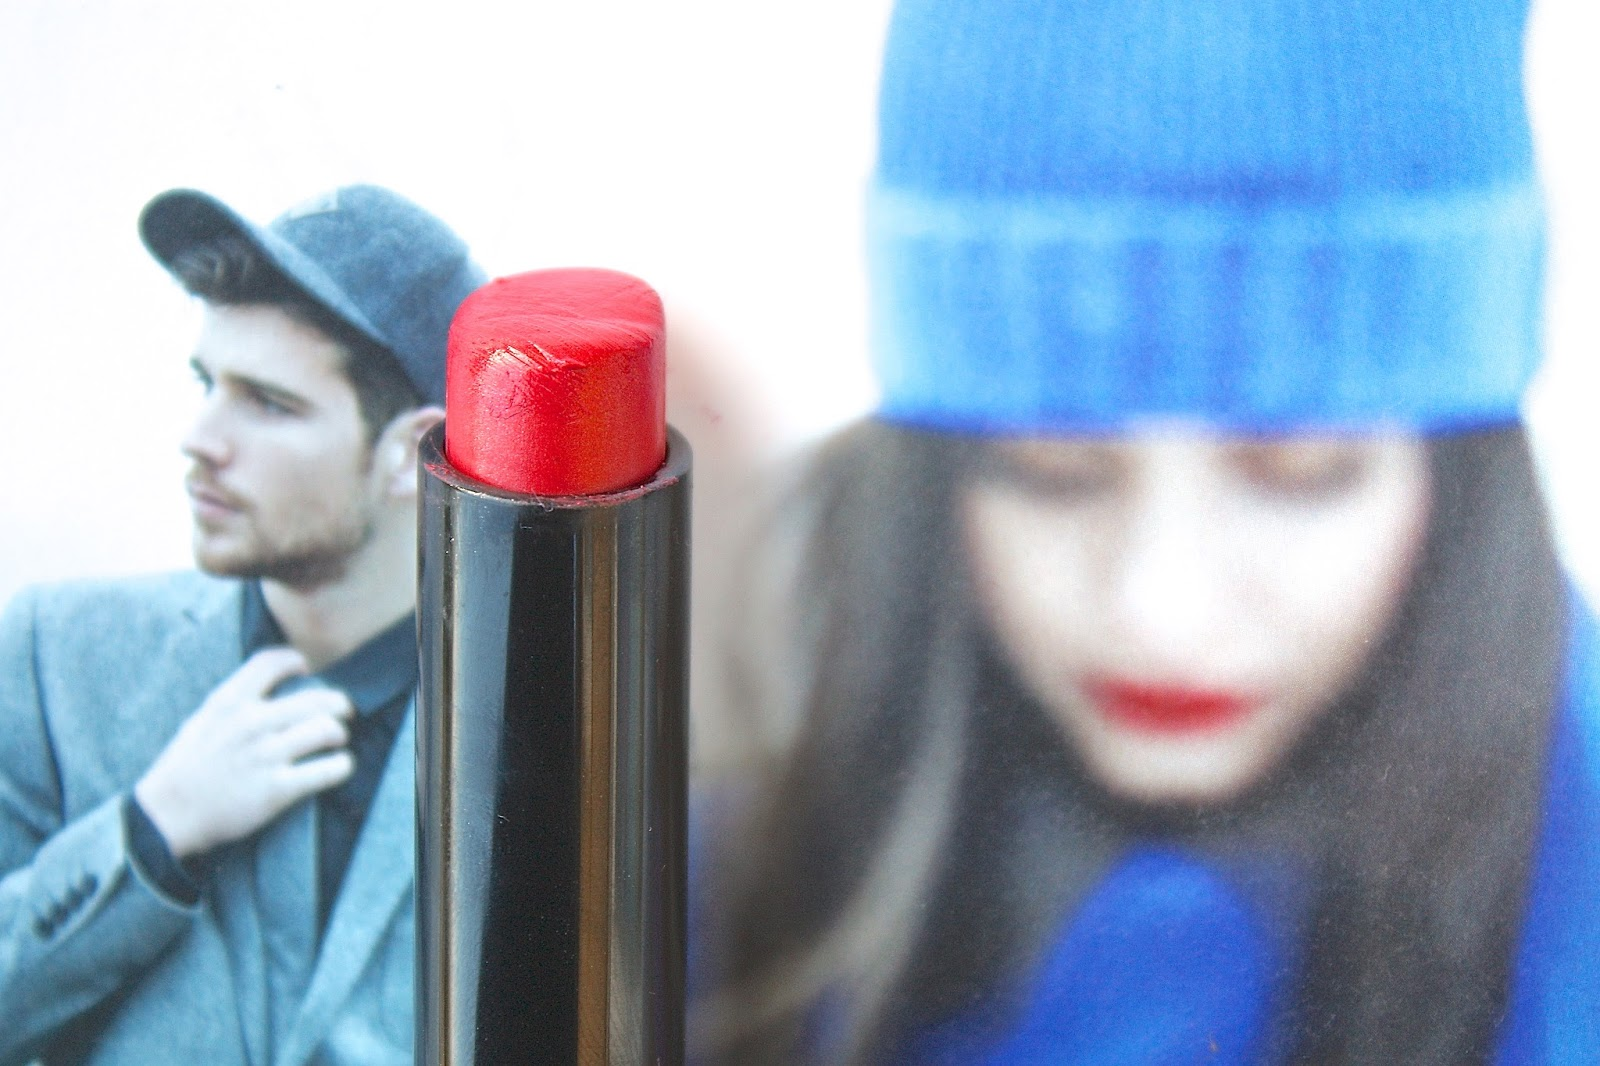 Bobbi Brown Lipstick in Rosy